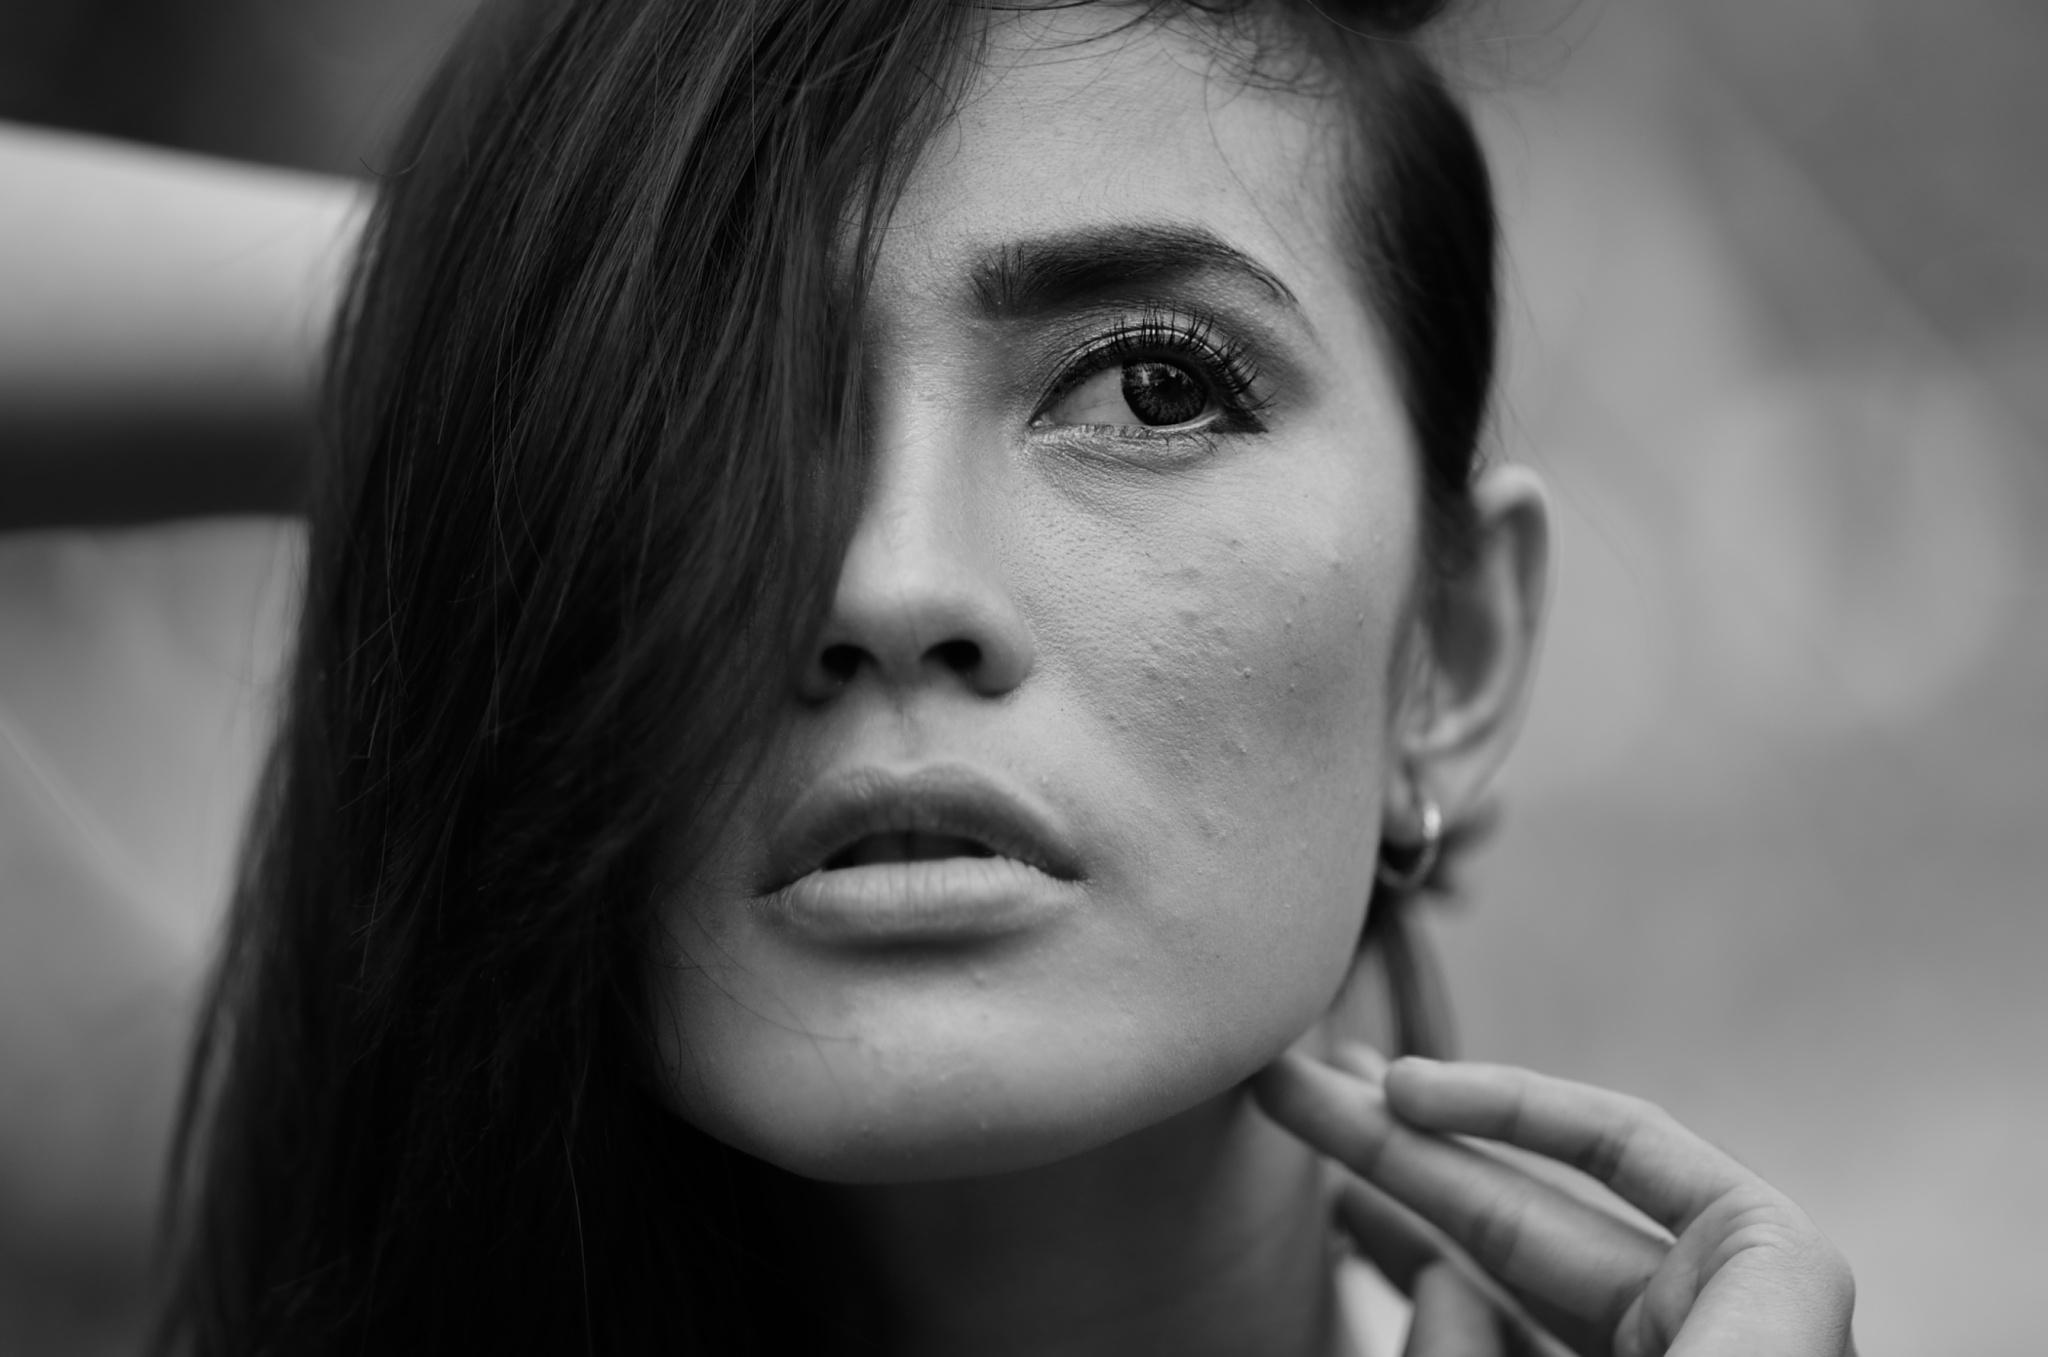 Close-up by Yulius B Susilo